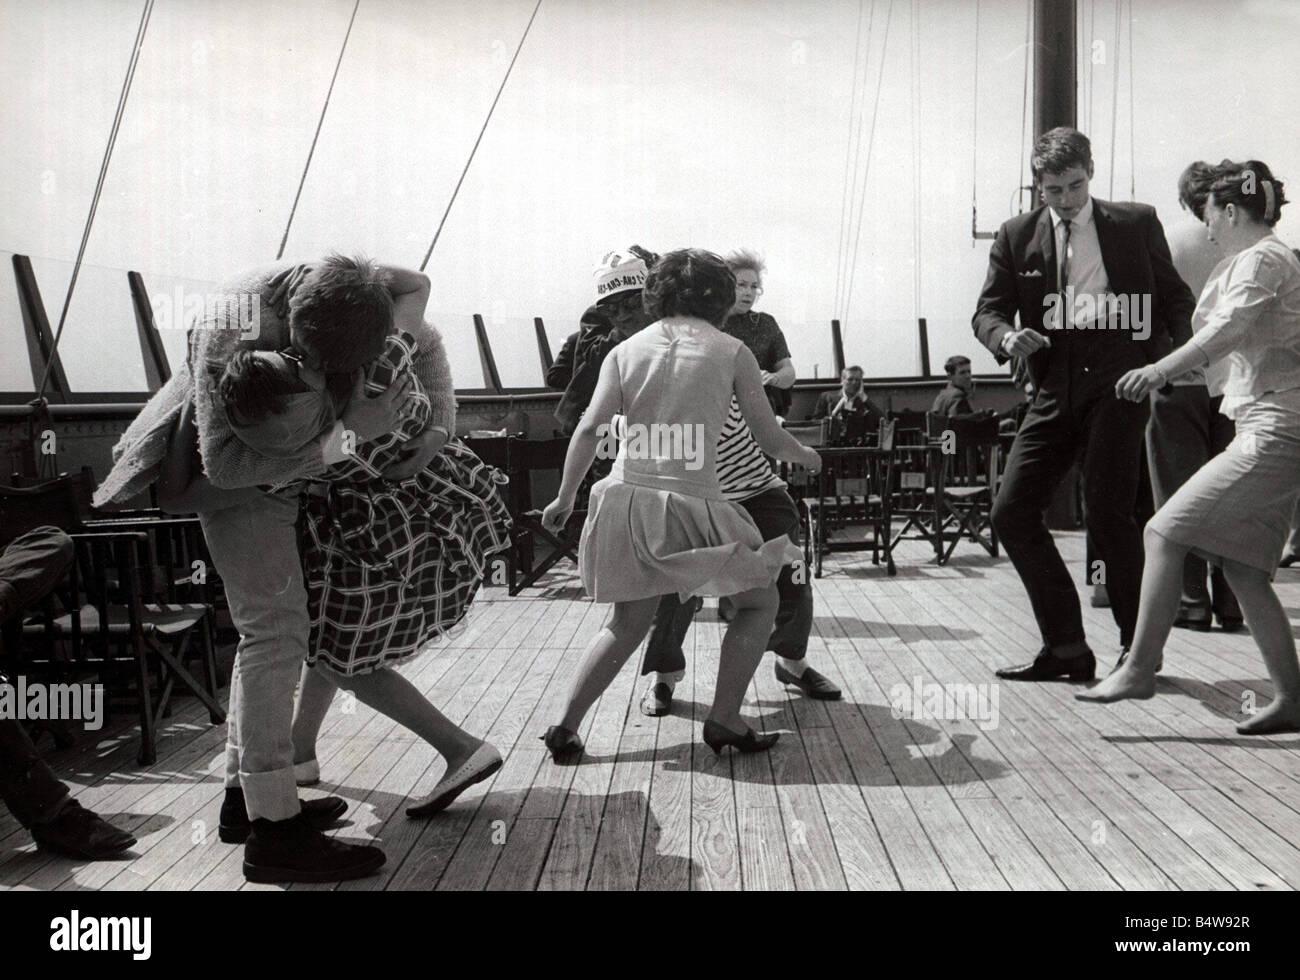 Barco parte parejas bailan y jive en true 60 s estilo pareja besándose haciendo el twist divertirse humor postal02 Imagen De Stock